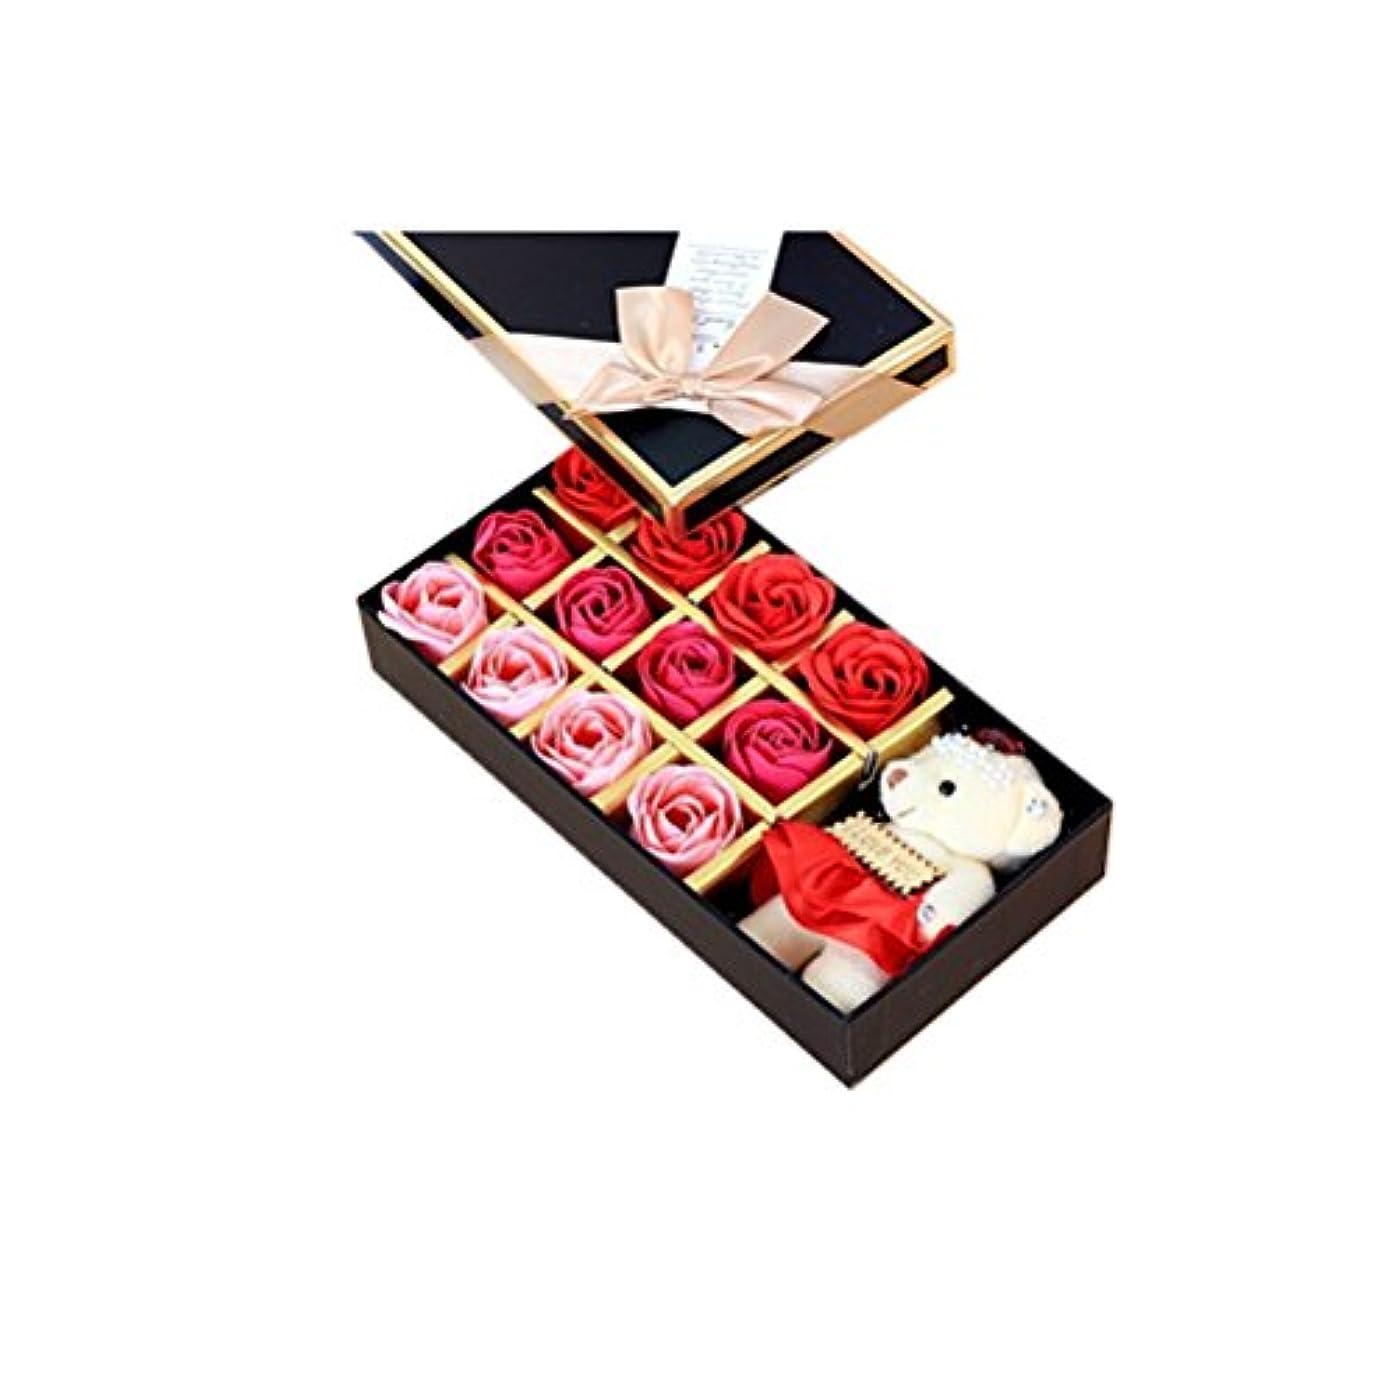 オークランドブラザーセッションROSENICE 香り バラの花 お風呂 石鹸 ギフトボックス (赤)